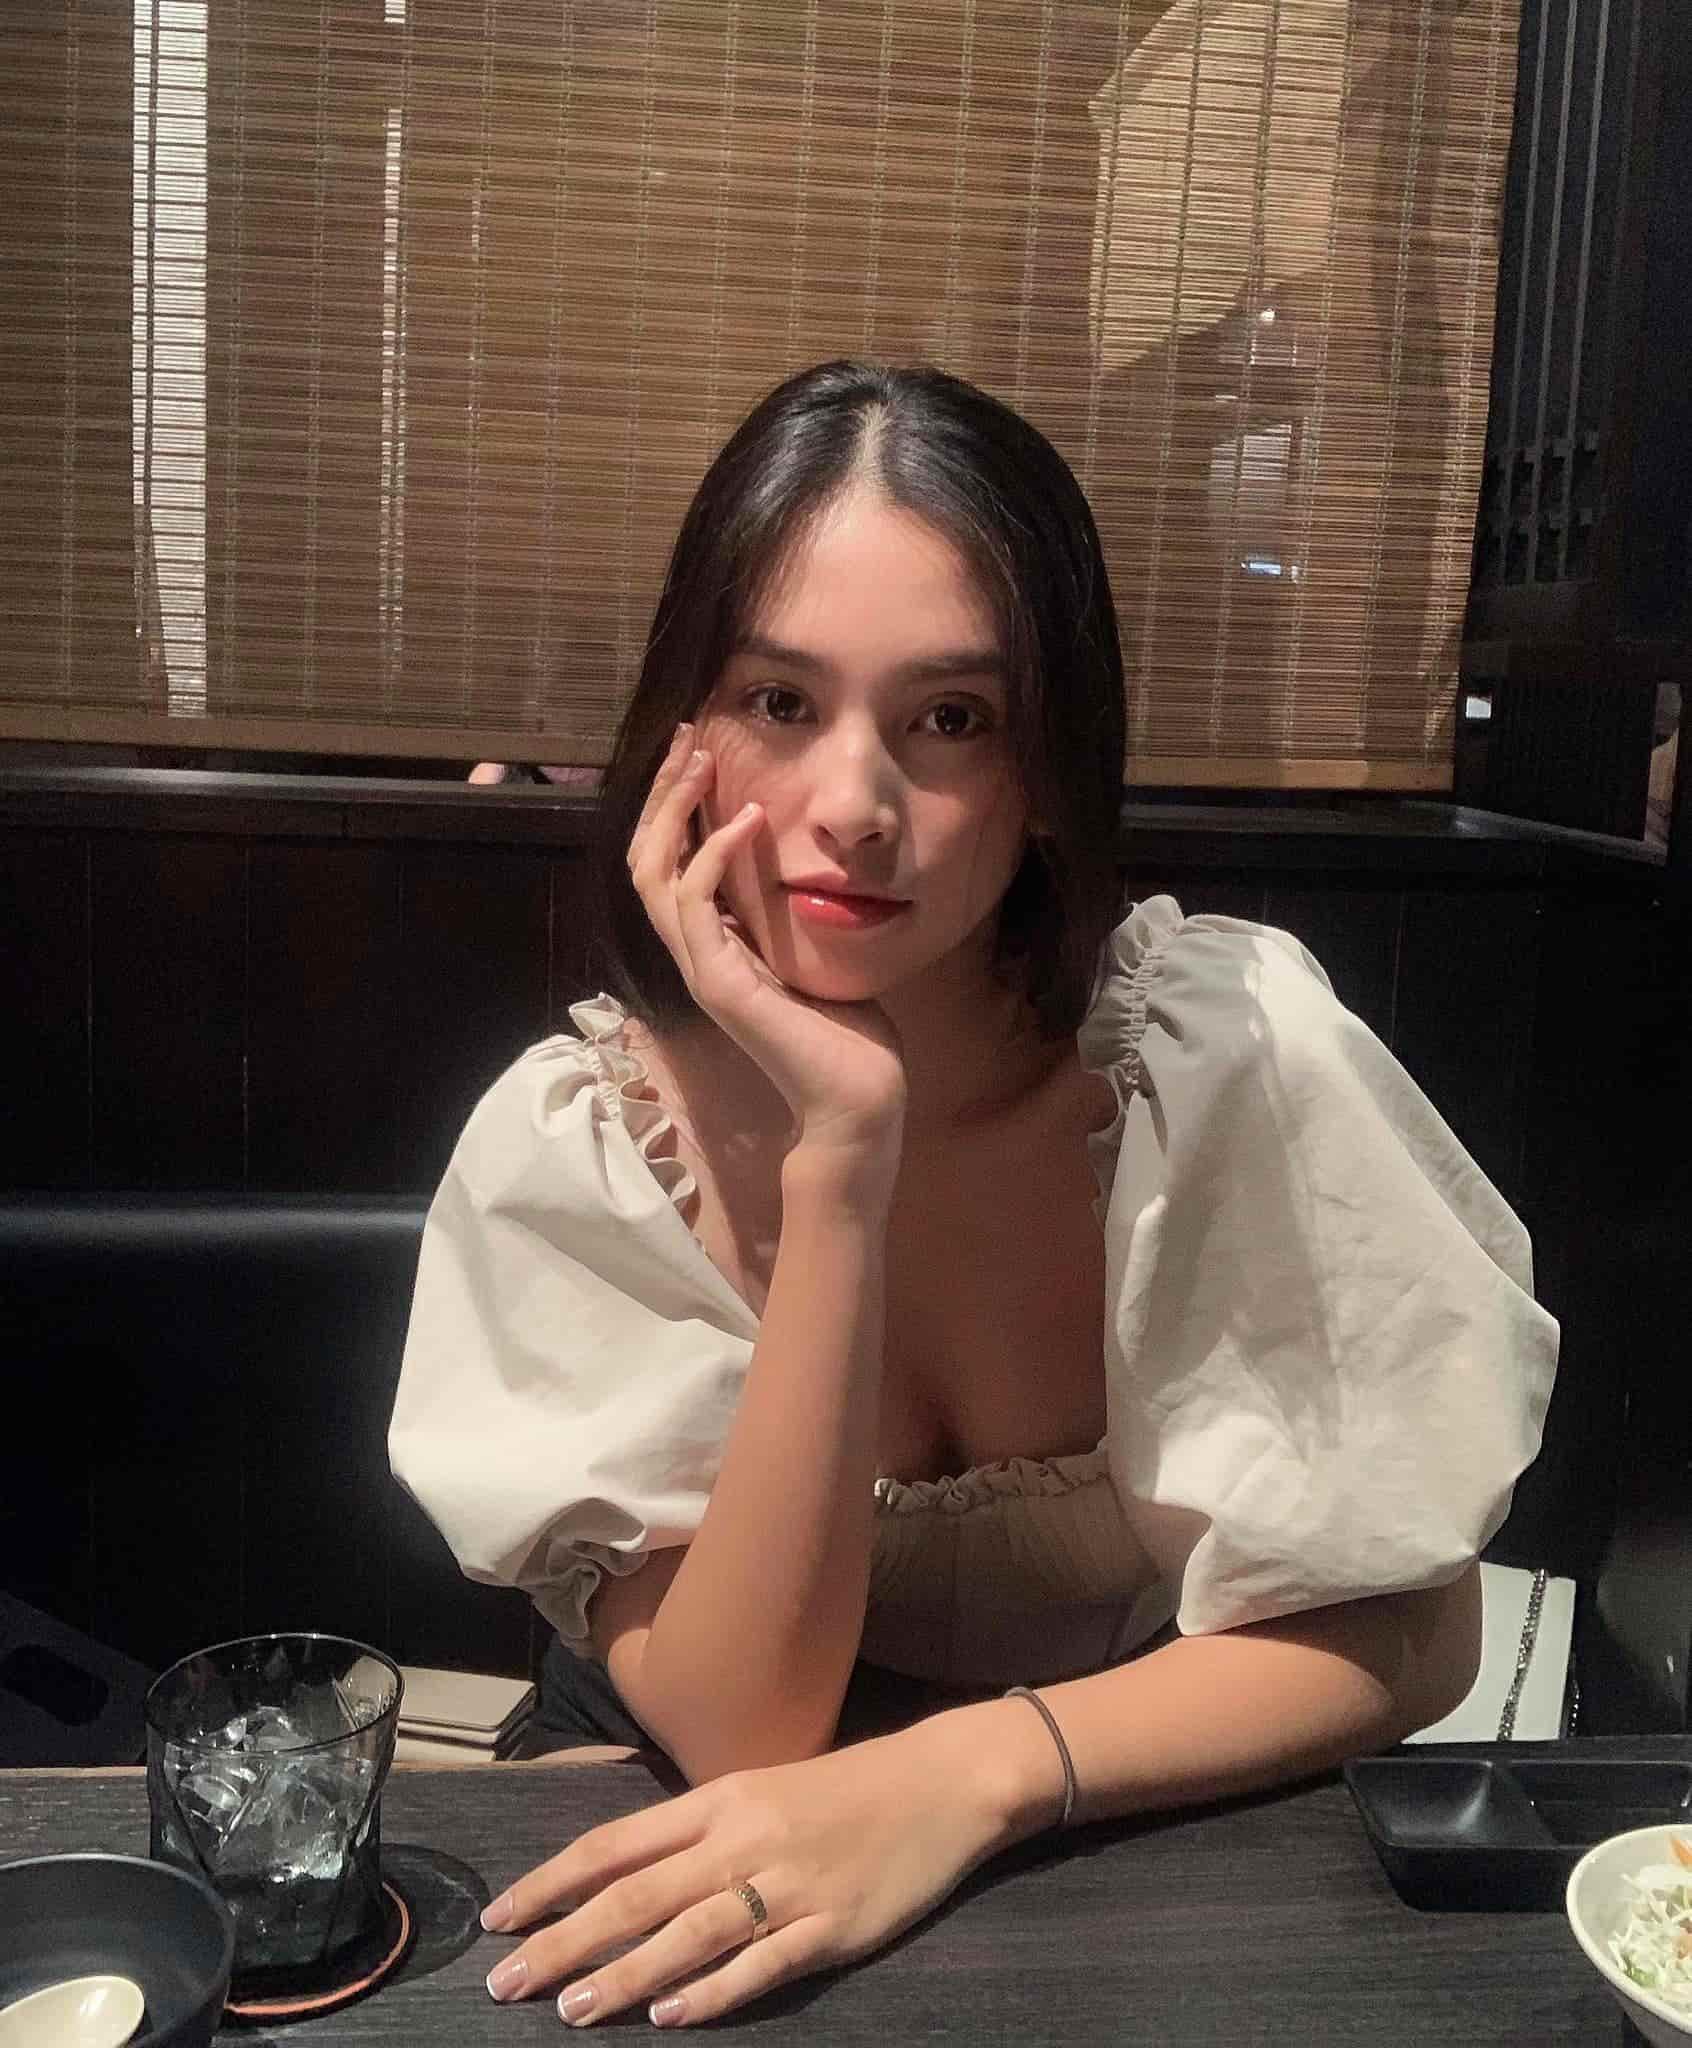 Có gương mặt đẹp nhất làng Hoa hậu, Tiểu Vy vẫn khóc thầm vì khuyết điểm khi để mặt mộc - 1